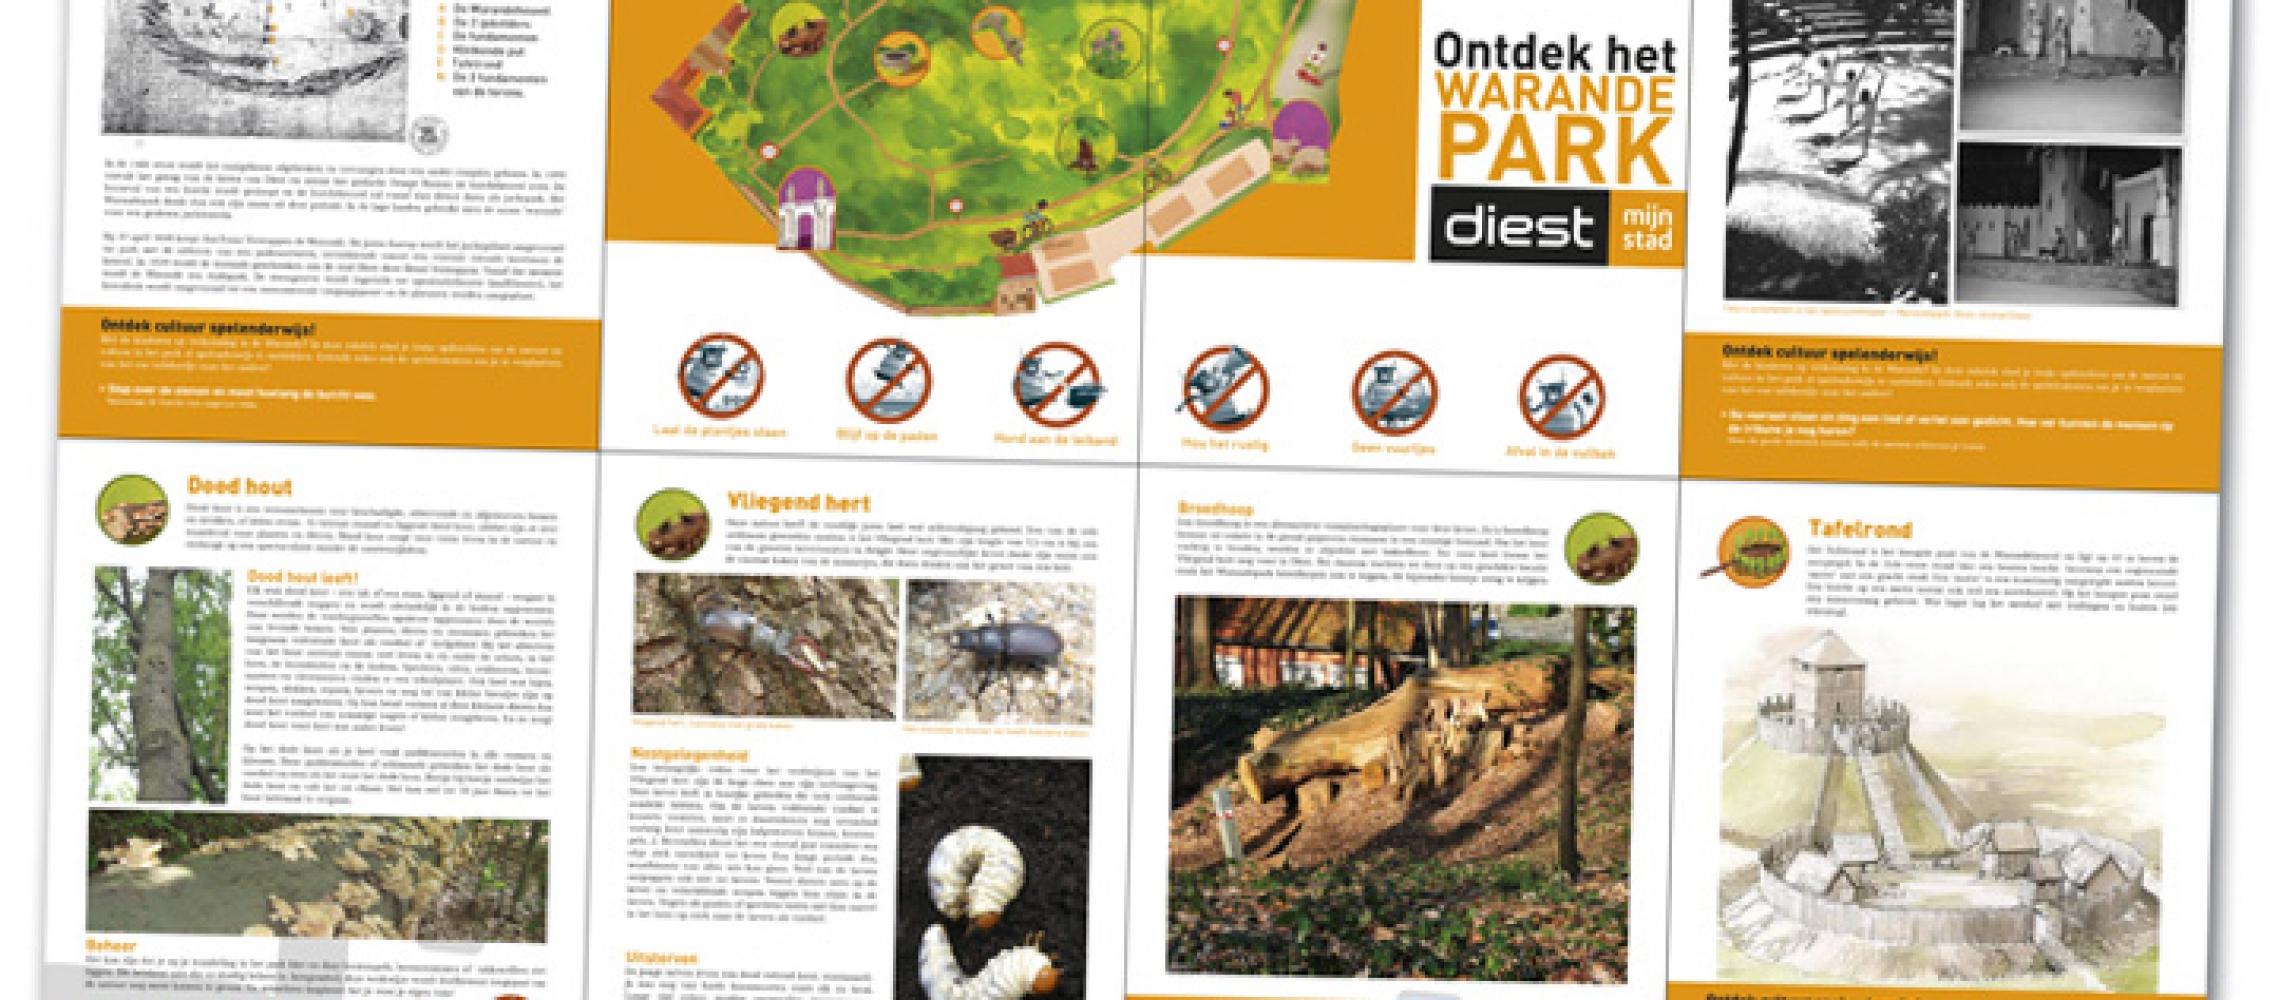 Stad Diest informatieve brochure kruisvouw (dicht A5 formaat) over Warandepark (2)